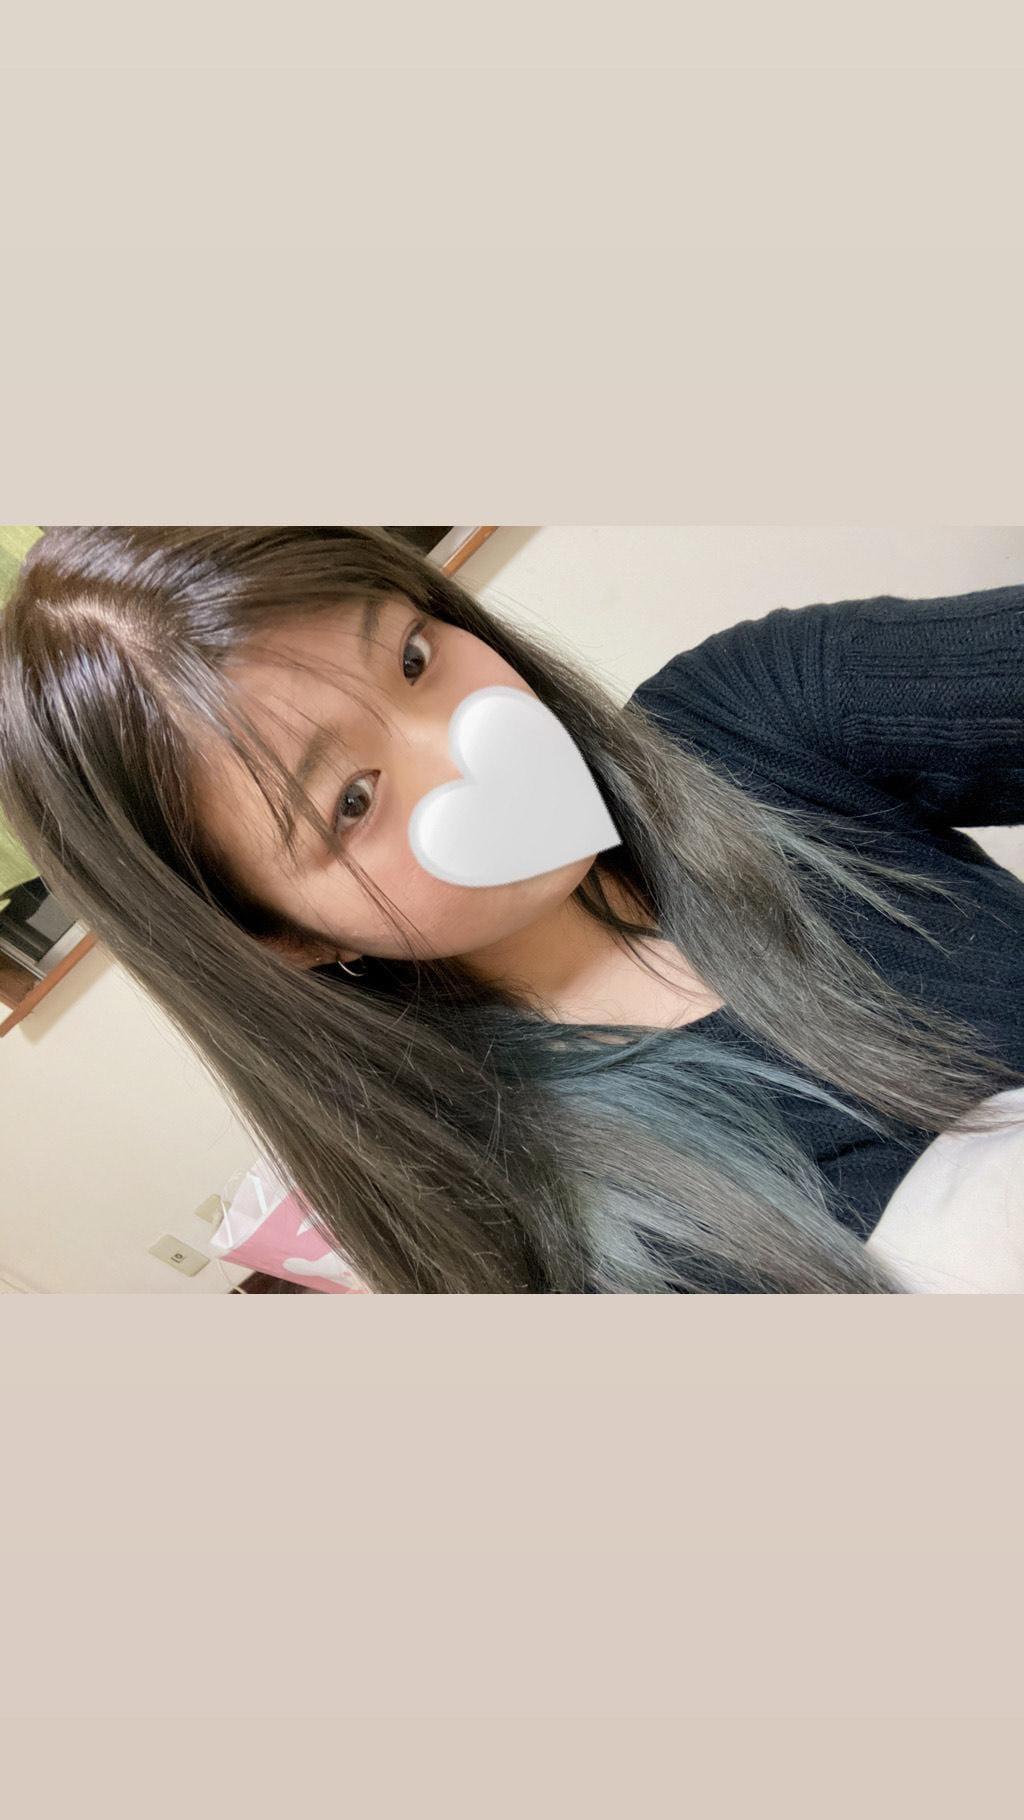 「予約嬉しい?」01/15(01/15) 12:10 | もえかの写メ・風俗動画